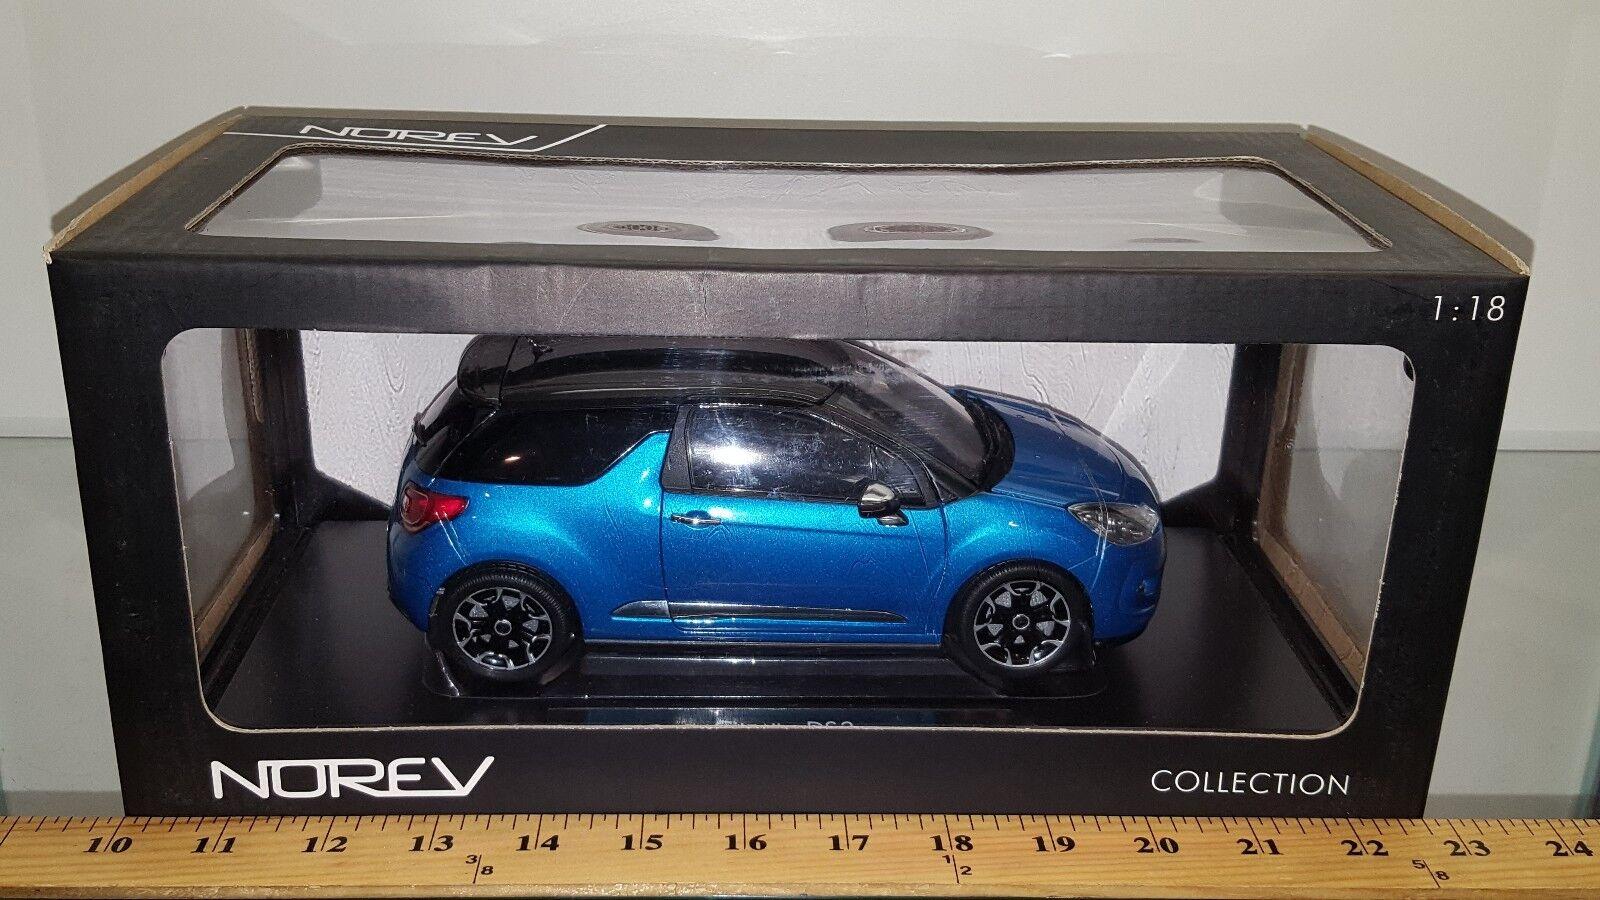 1 18 NOREV collection 2011 Citroen DS3 Belle Ile Bleu avec noir Toit BD-U